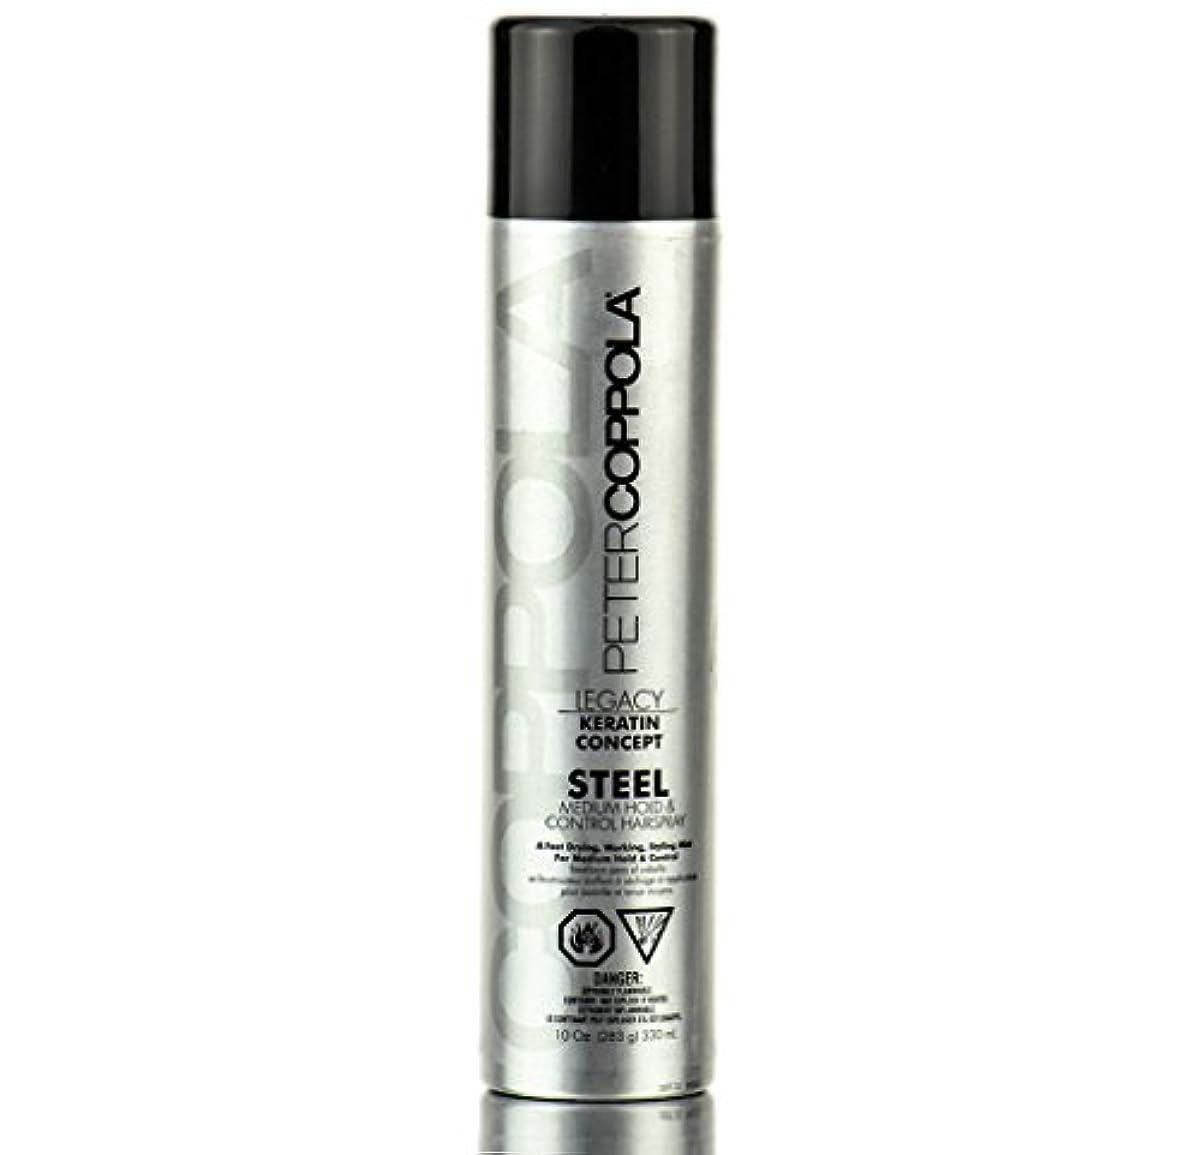 大使不調和柱Peter Coppola スチールヘアスプレー - 軽量、ミディアムホールド、柔軟なホールドは、スタイリングヘアボリューム&スタイリングのすべての髪のタイプを追加するための10オンスミディアムシャインスプレー medium_hold